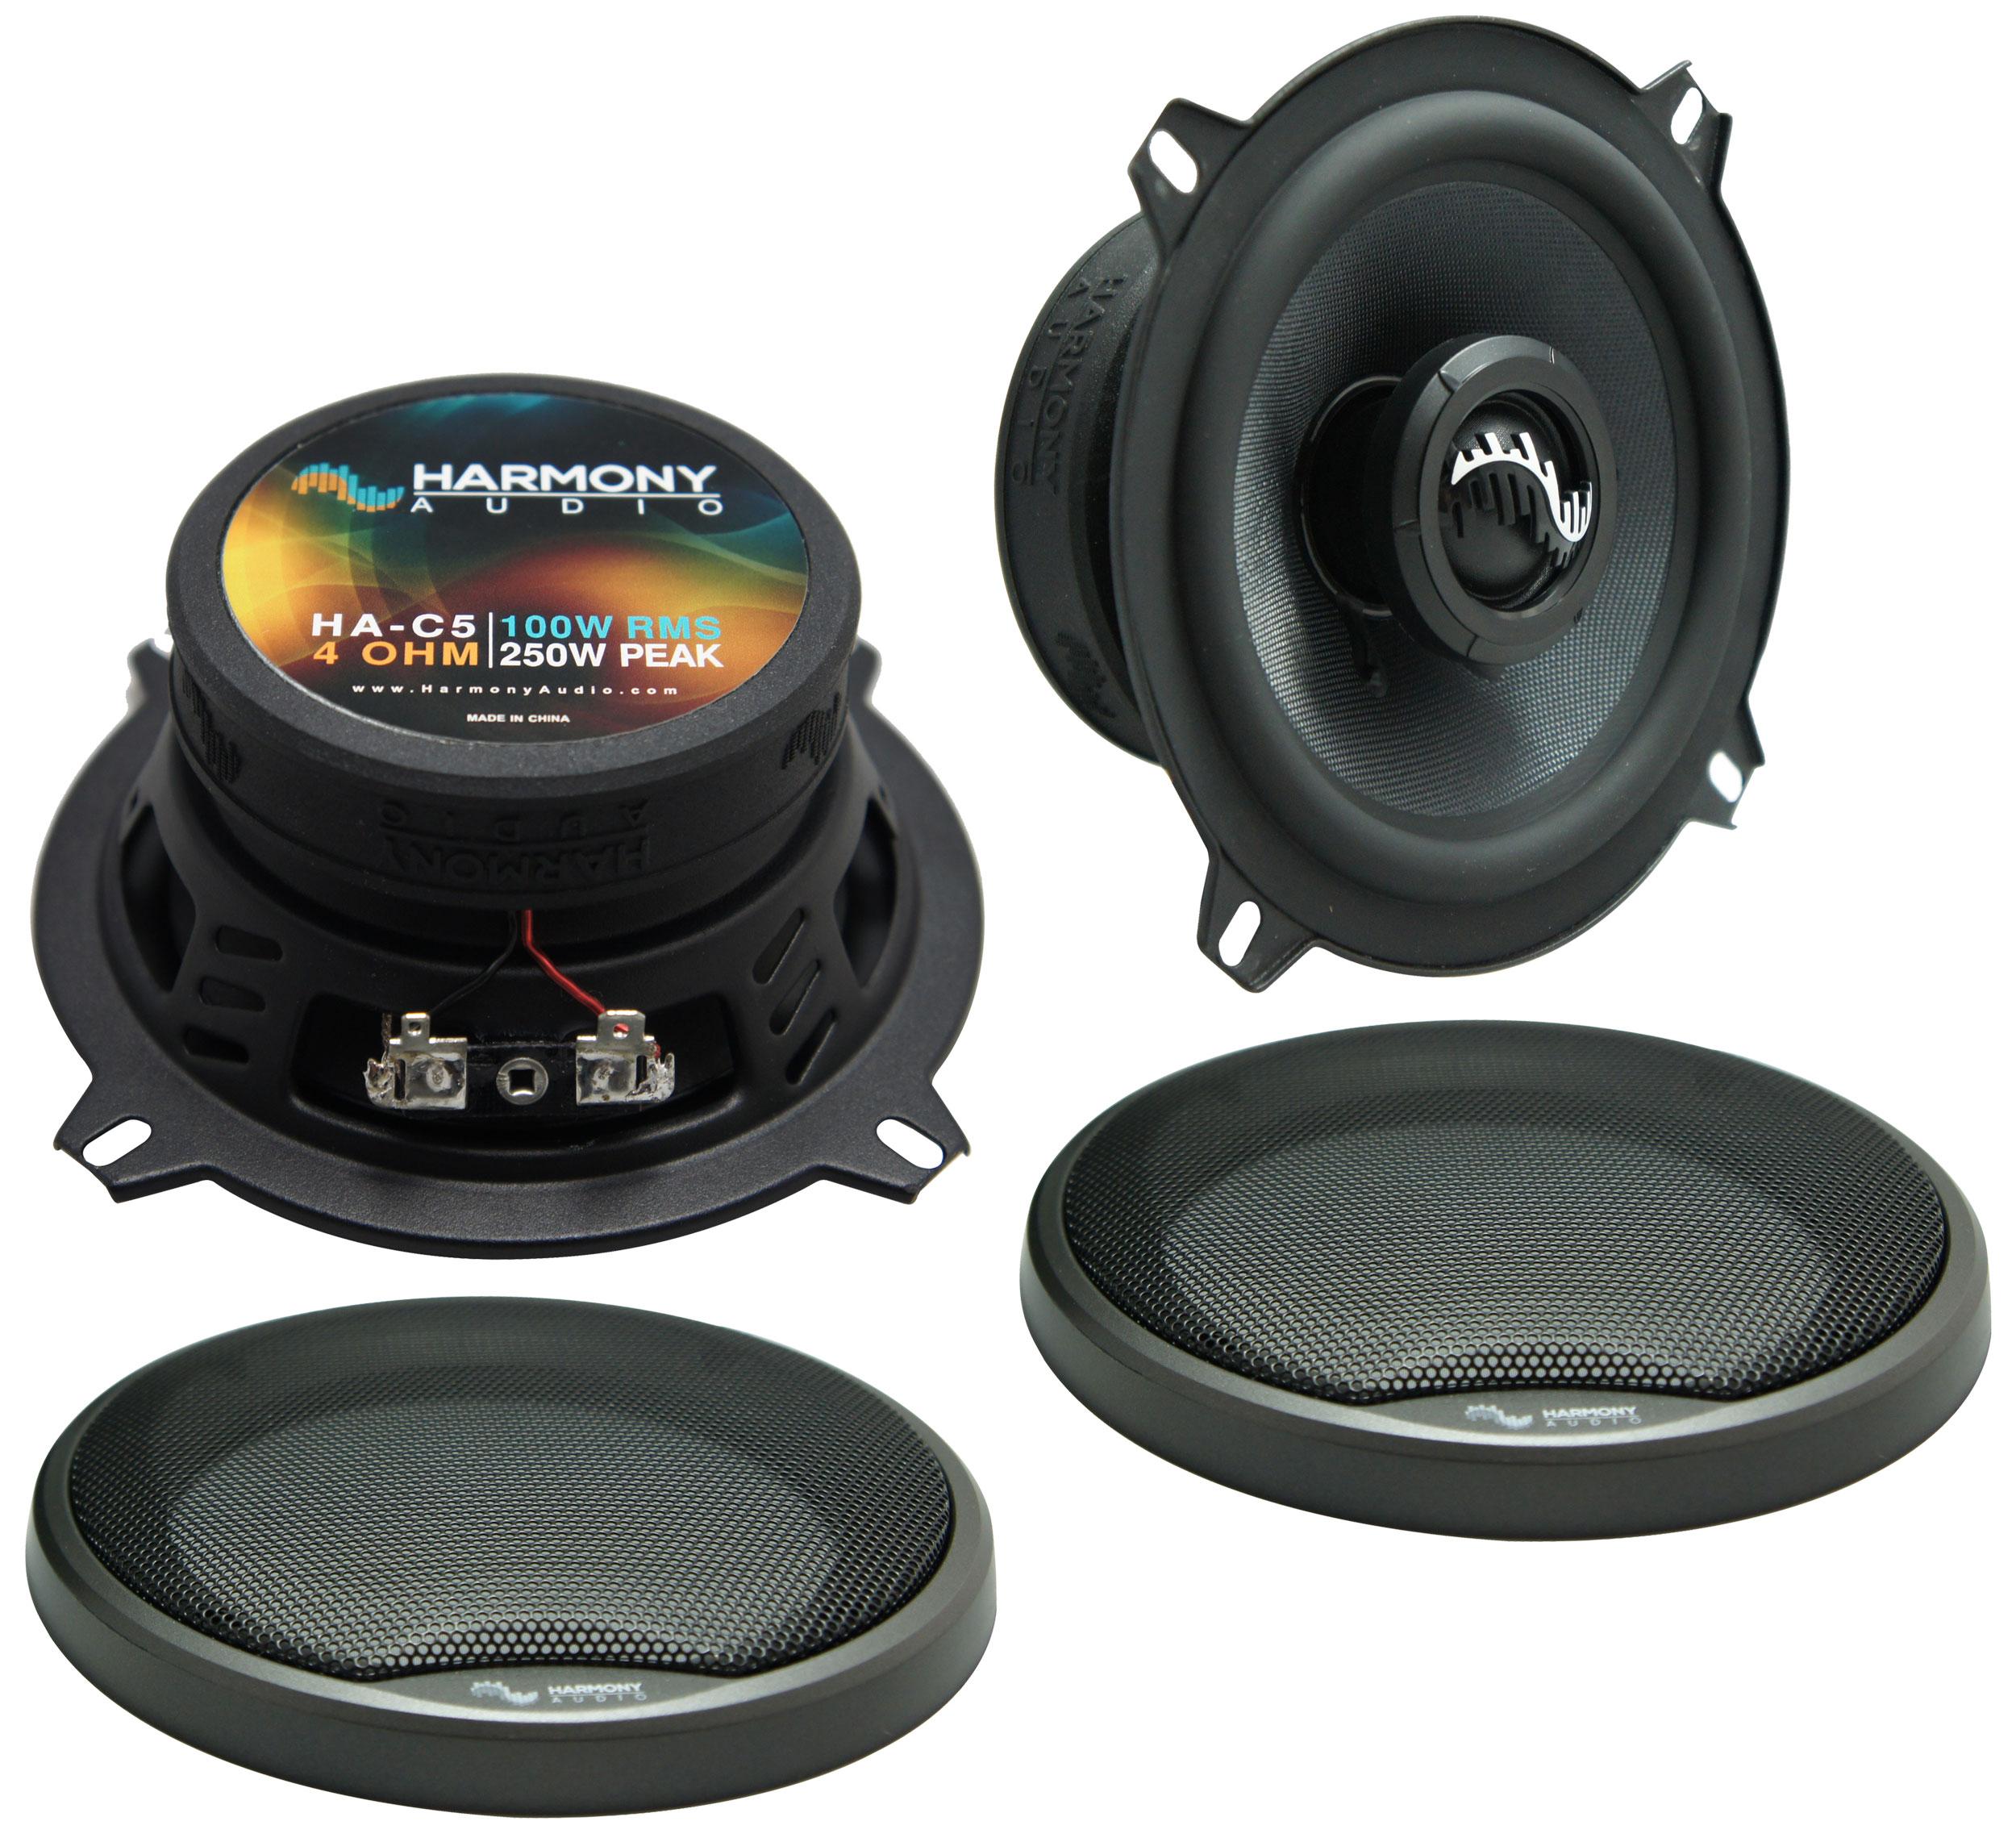 Fits BMW Z3 1996-2002 Front Door Replacement Speaker Harmony HA-C5 Premium Speakers New